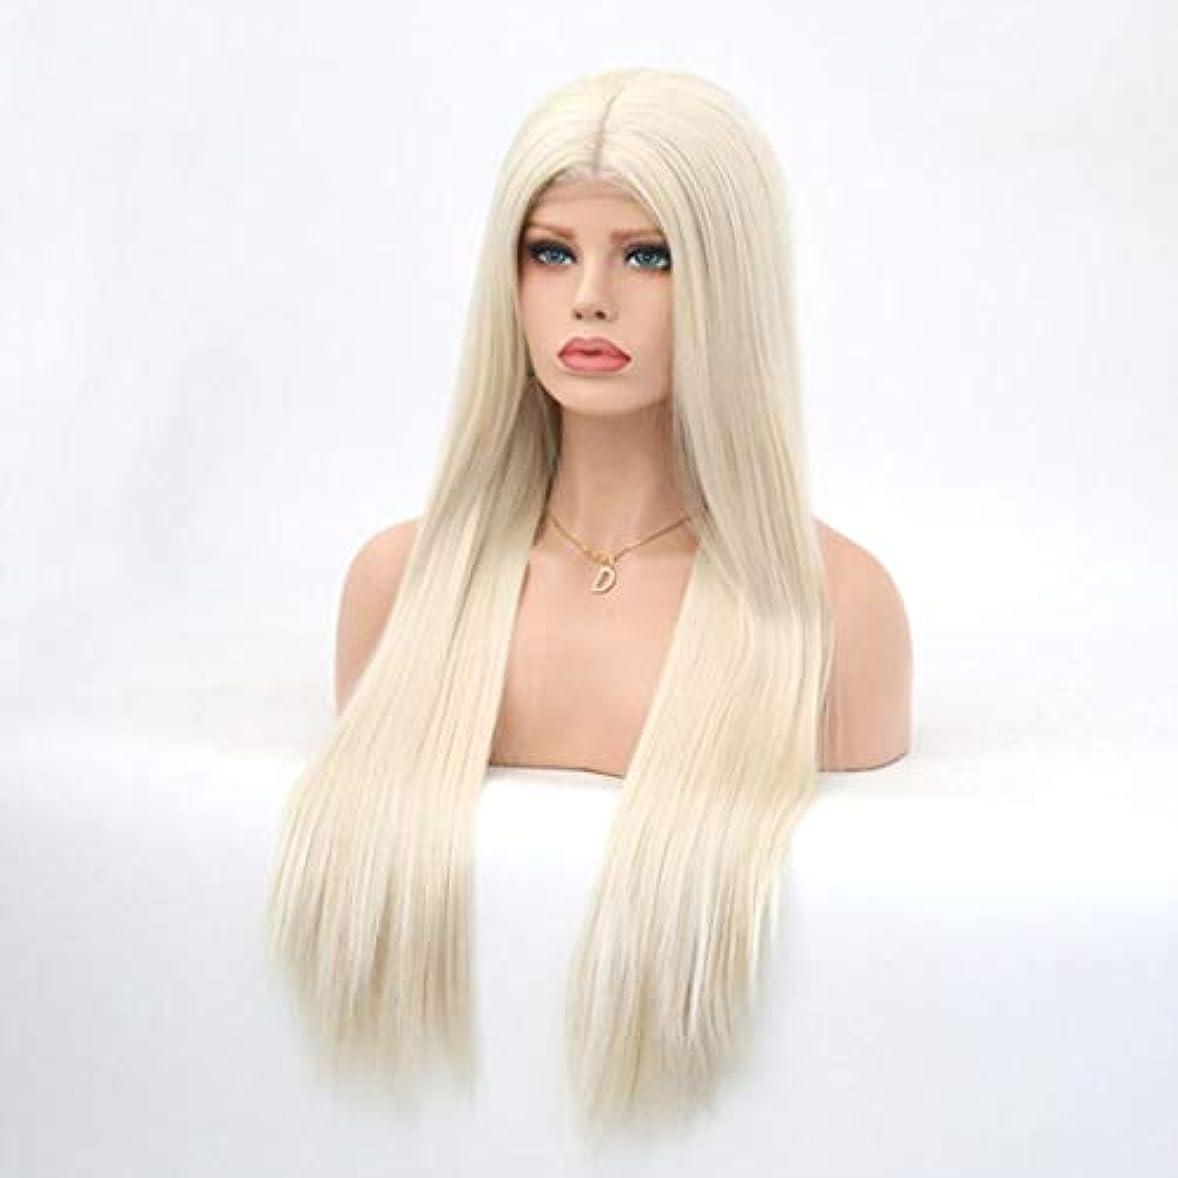 移行放棄された着陸Kerwinner レディースシルクロングストレートブラックウィッグ耐熱合成かつら前髪付きウィッグ女性用ウィッグ